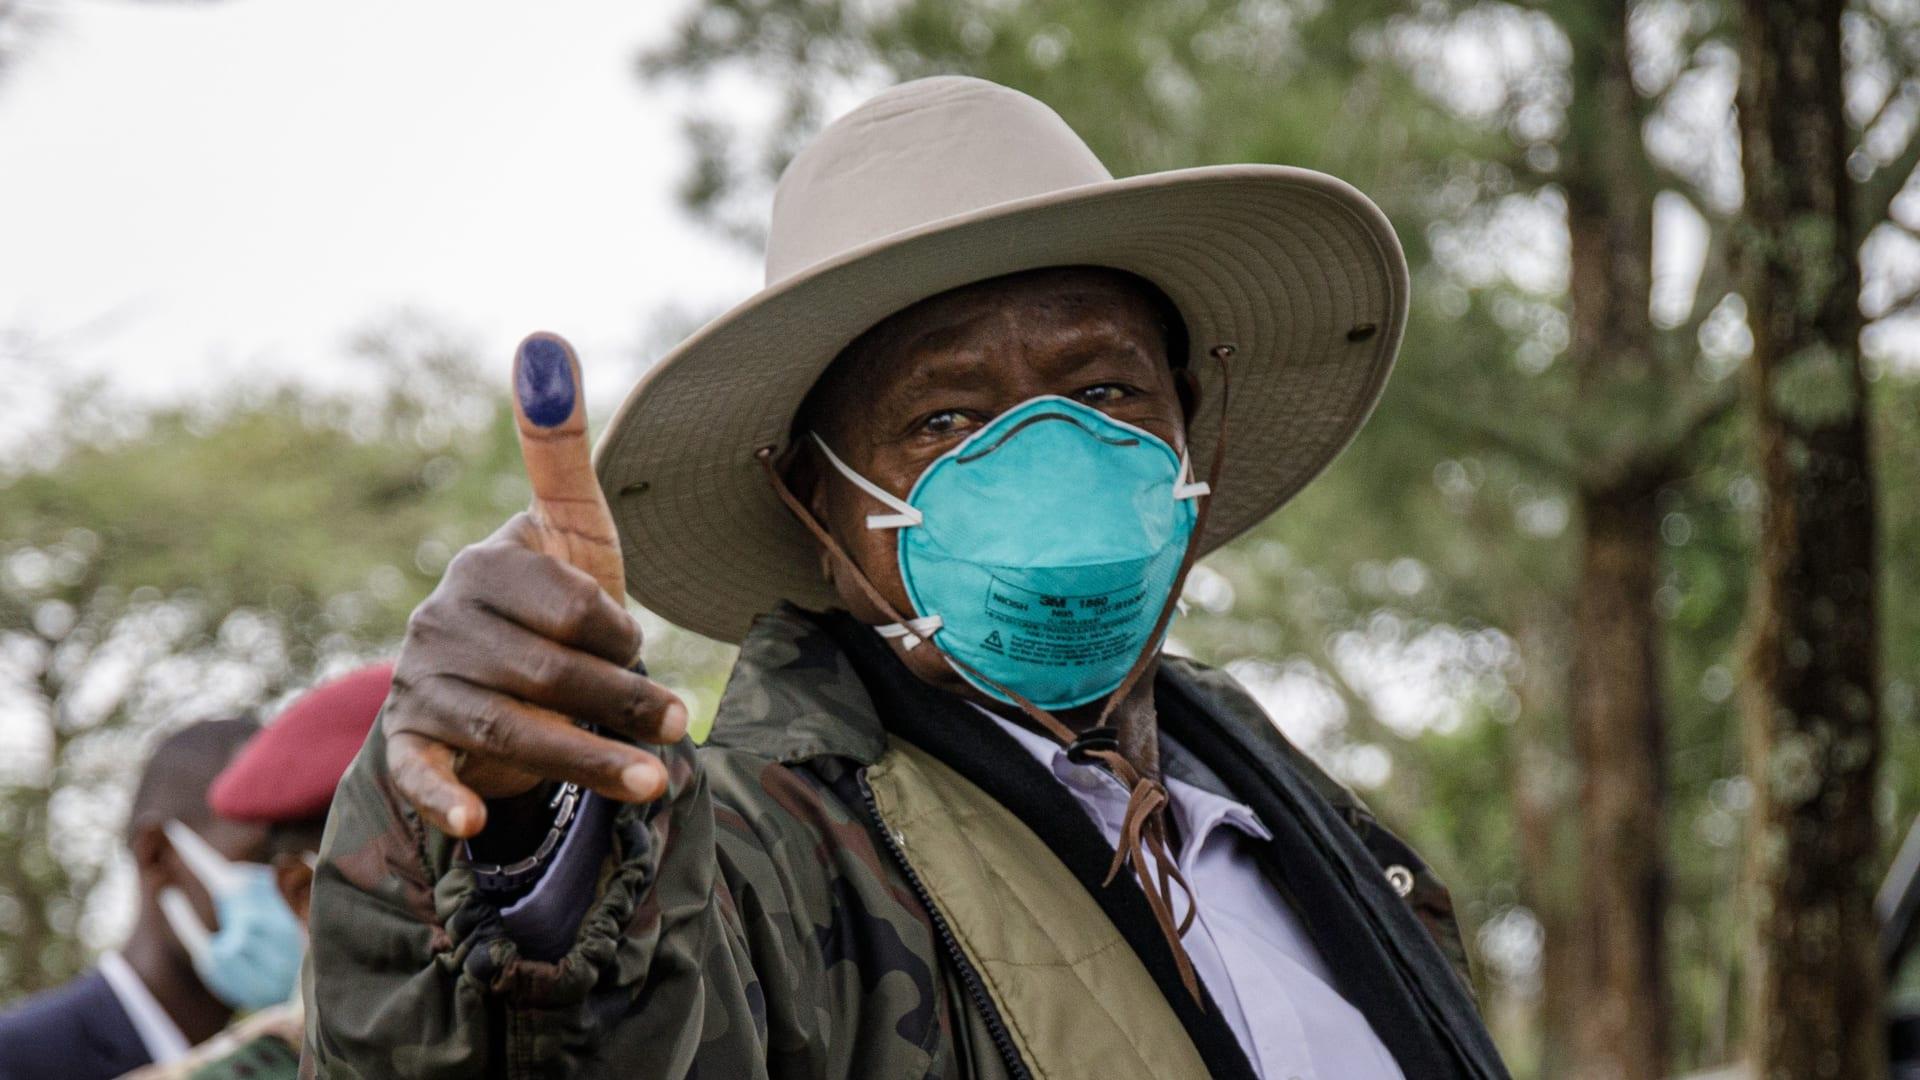 فوز الرئيس الأوغندي بولاية سادسة.. والجيش يضع منافسه قيد الإقامة الجبرية